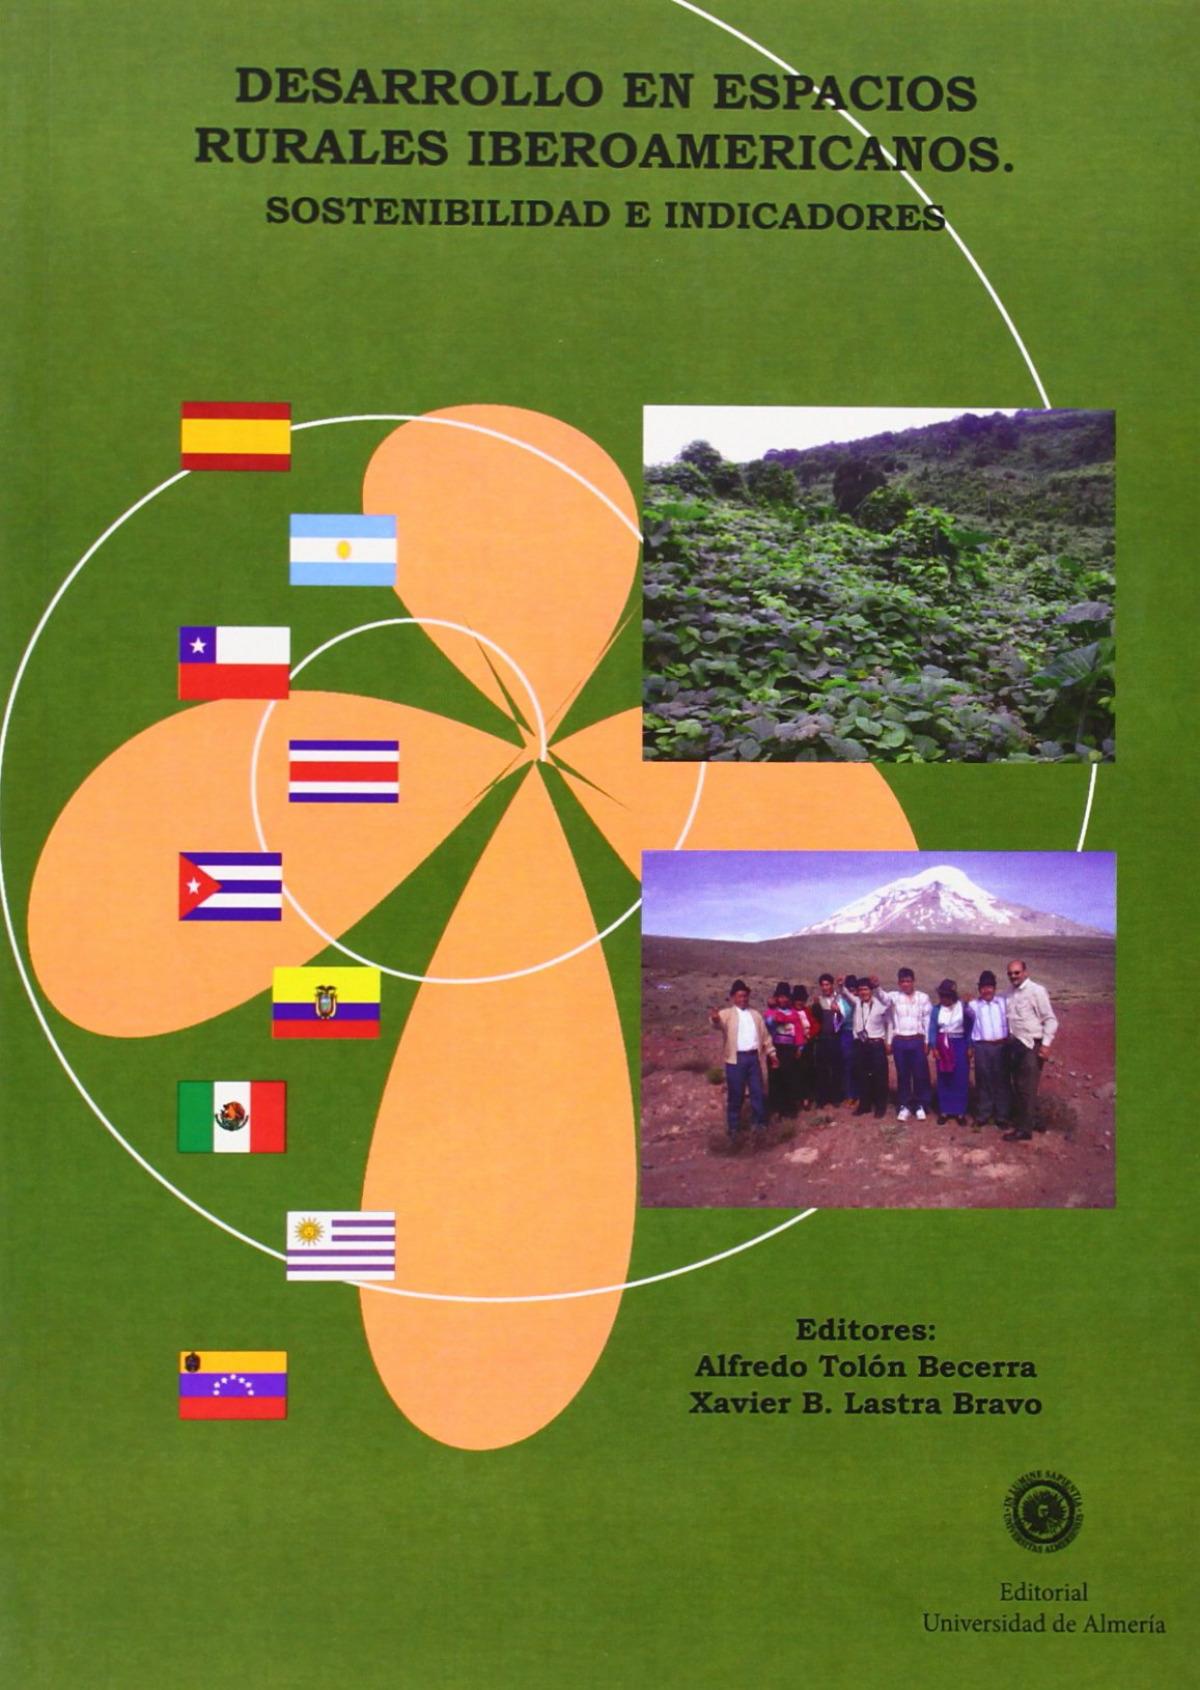 Desarrollo en espacios rurales iberoamericanos. Sostenibilidad e indicadores - Tolón Becerra, Alfredo / Lastra Bravo, Xavier Bolivar